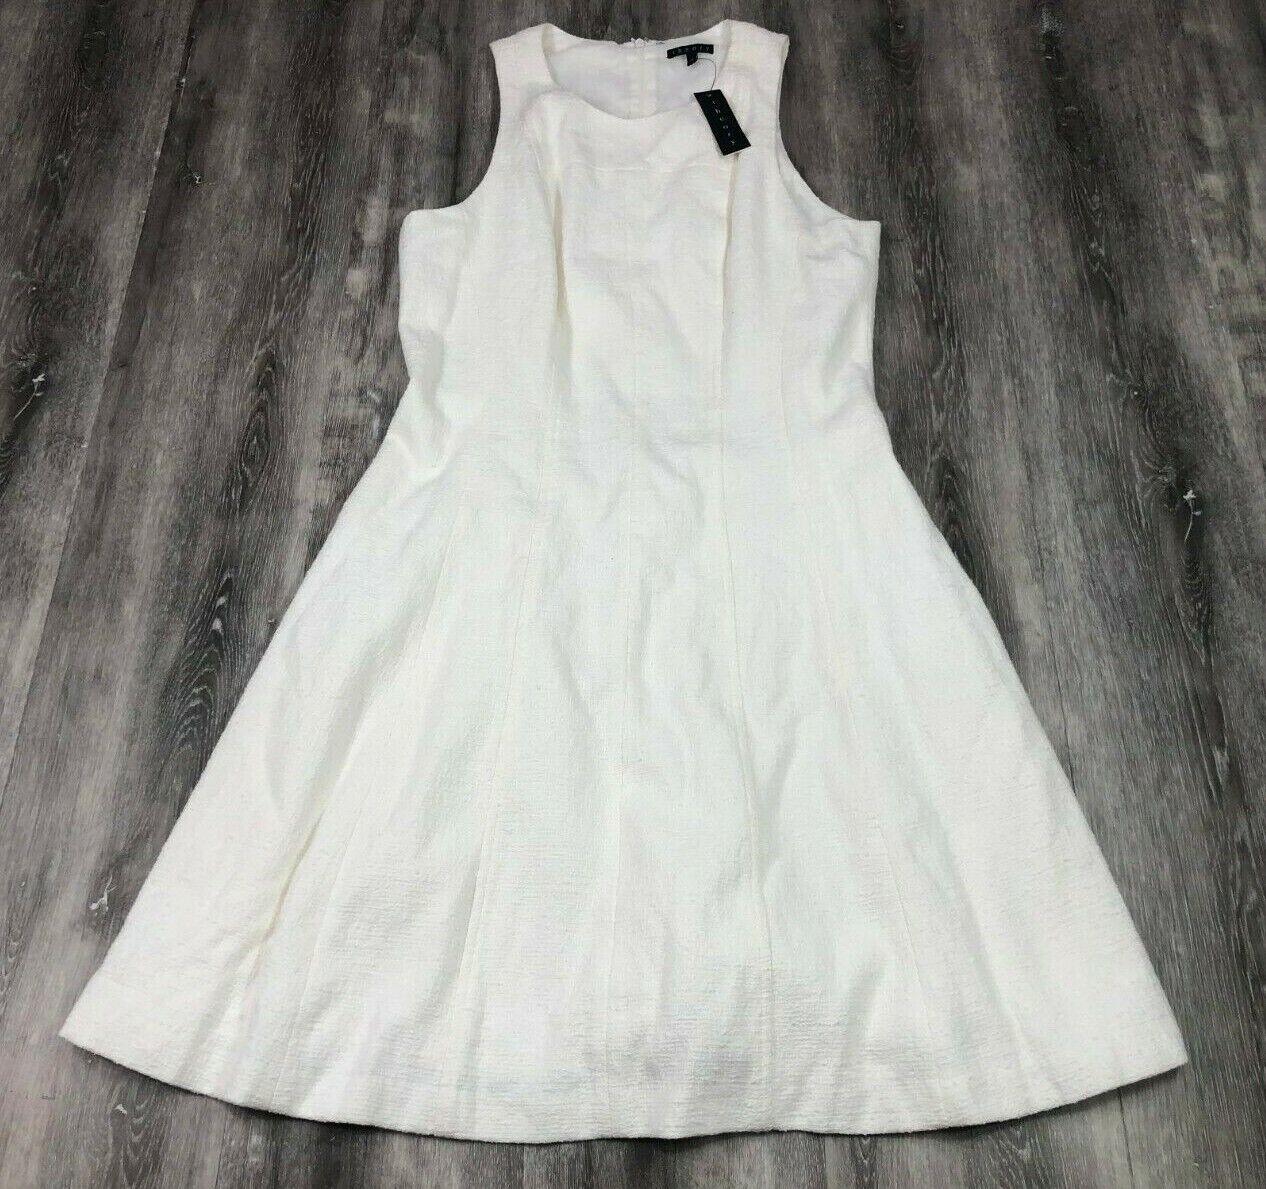 BRAND NEW THEORY Weiß Vizela Maydra Woherren Dress Flowy Peplum Größe 10 USA